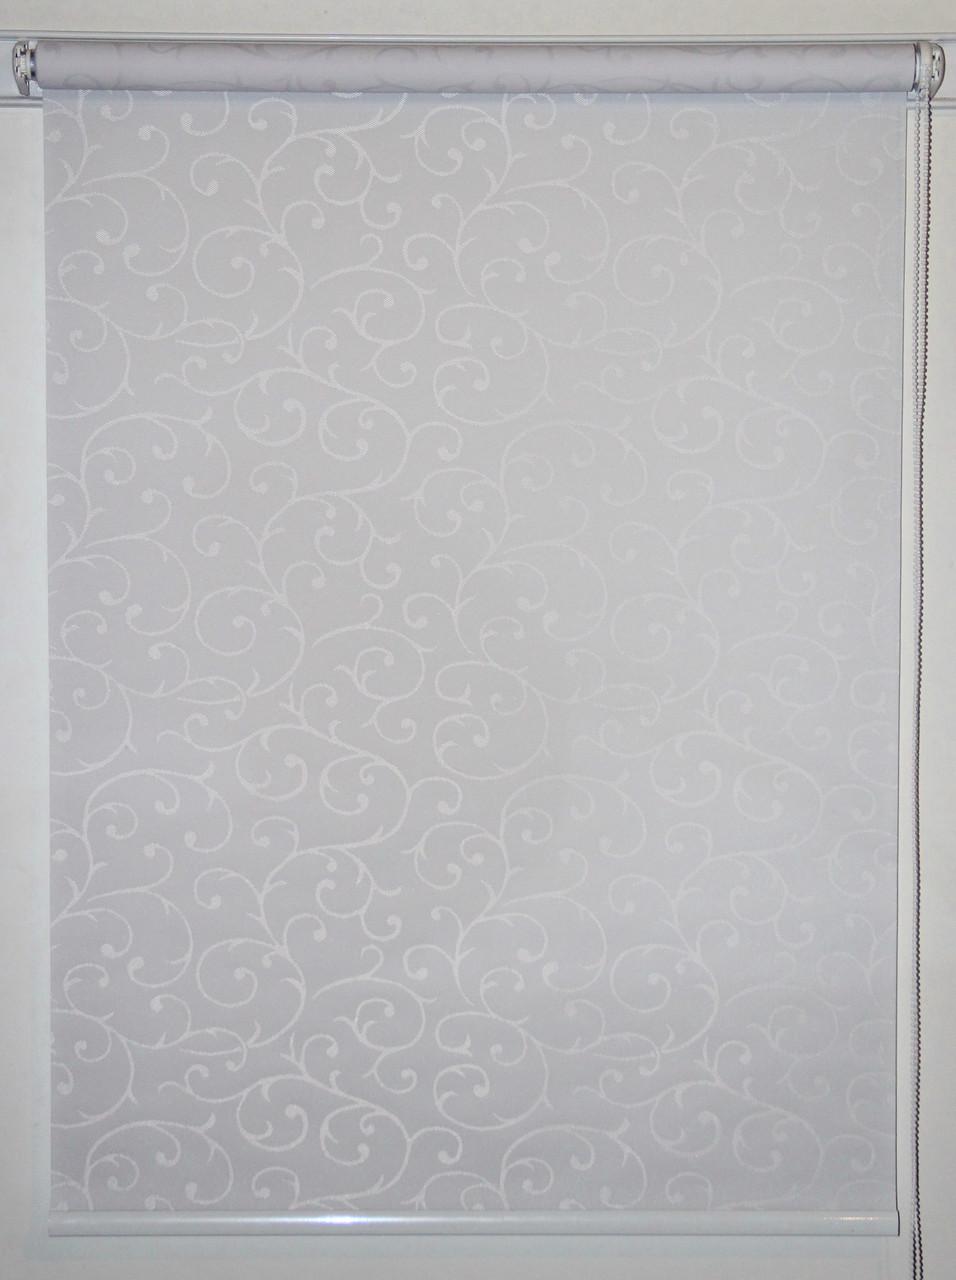 Рулонная штора 600*1500 Акант 2018 Белый